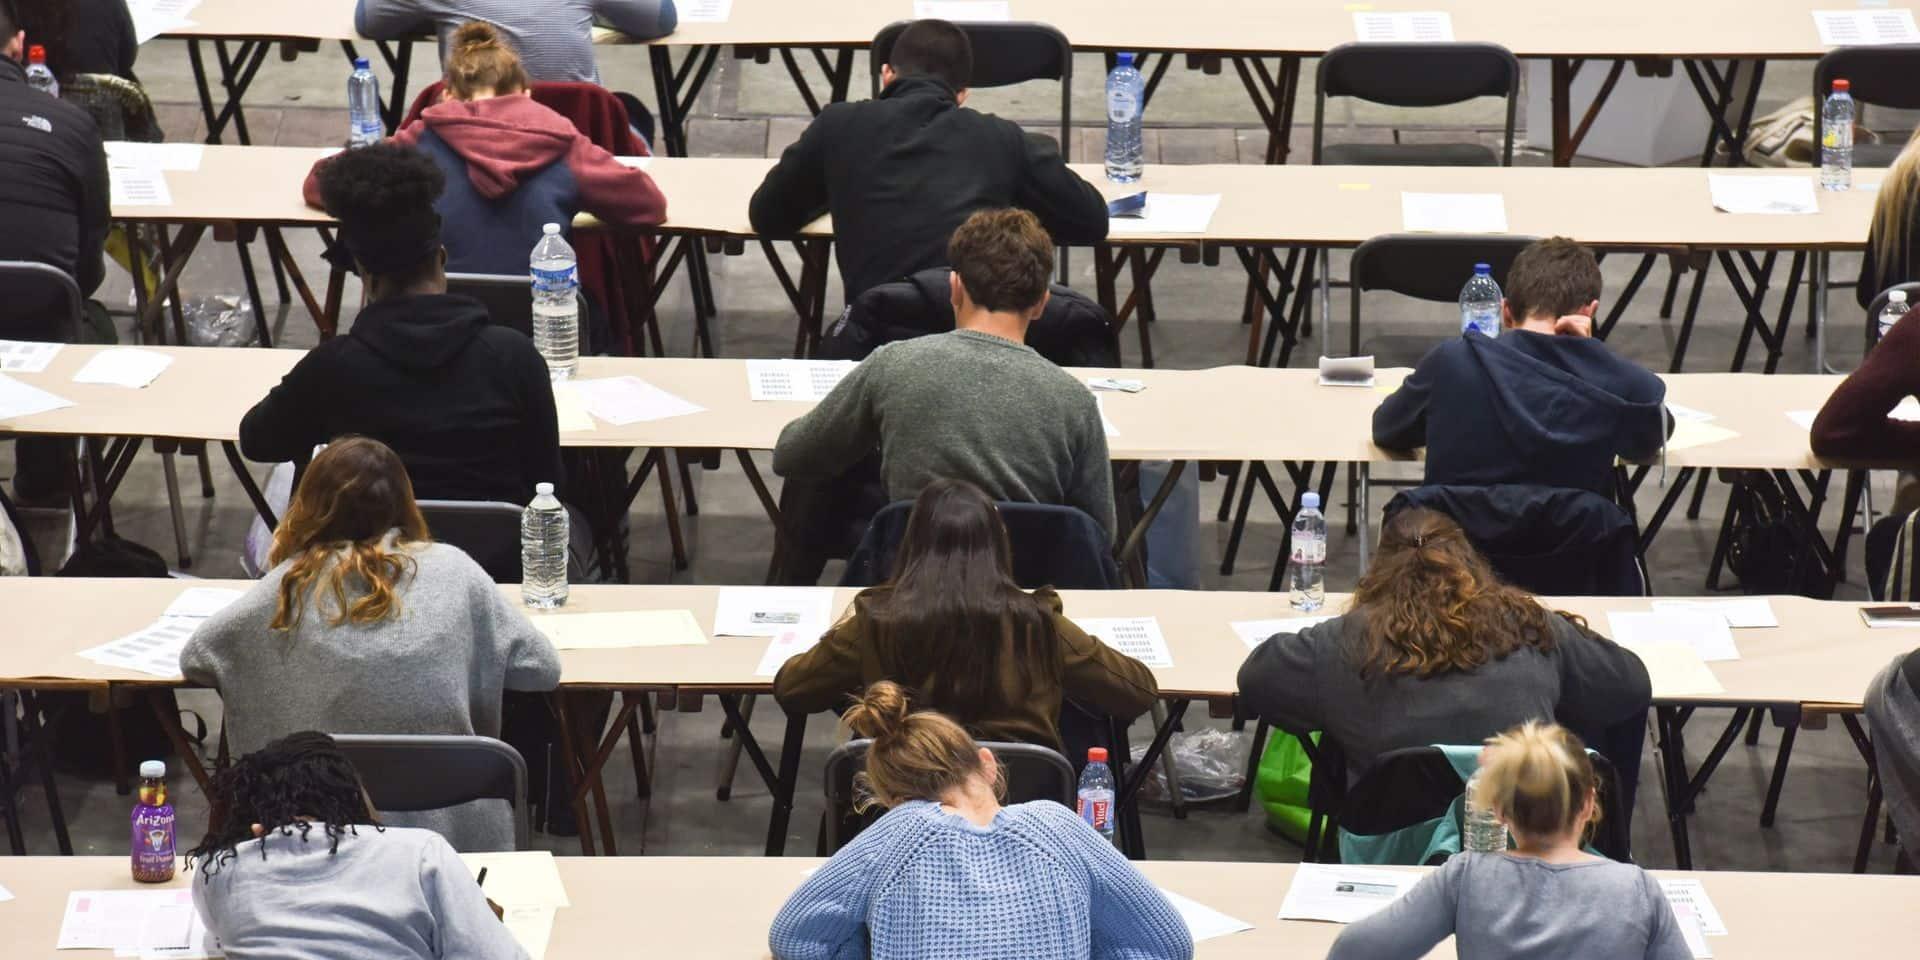 Les résultats des examens de janvier dans les universités sont rassurants, estiment les recteurs